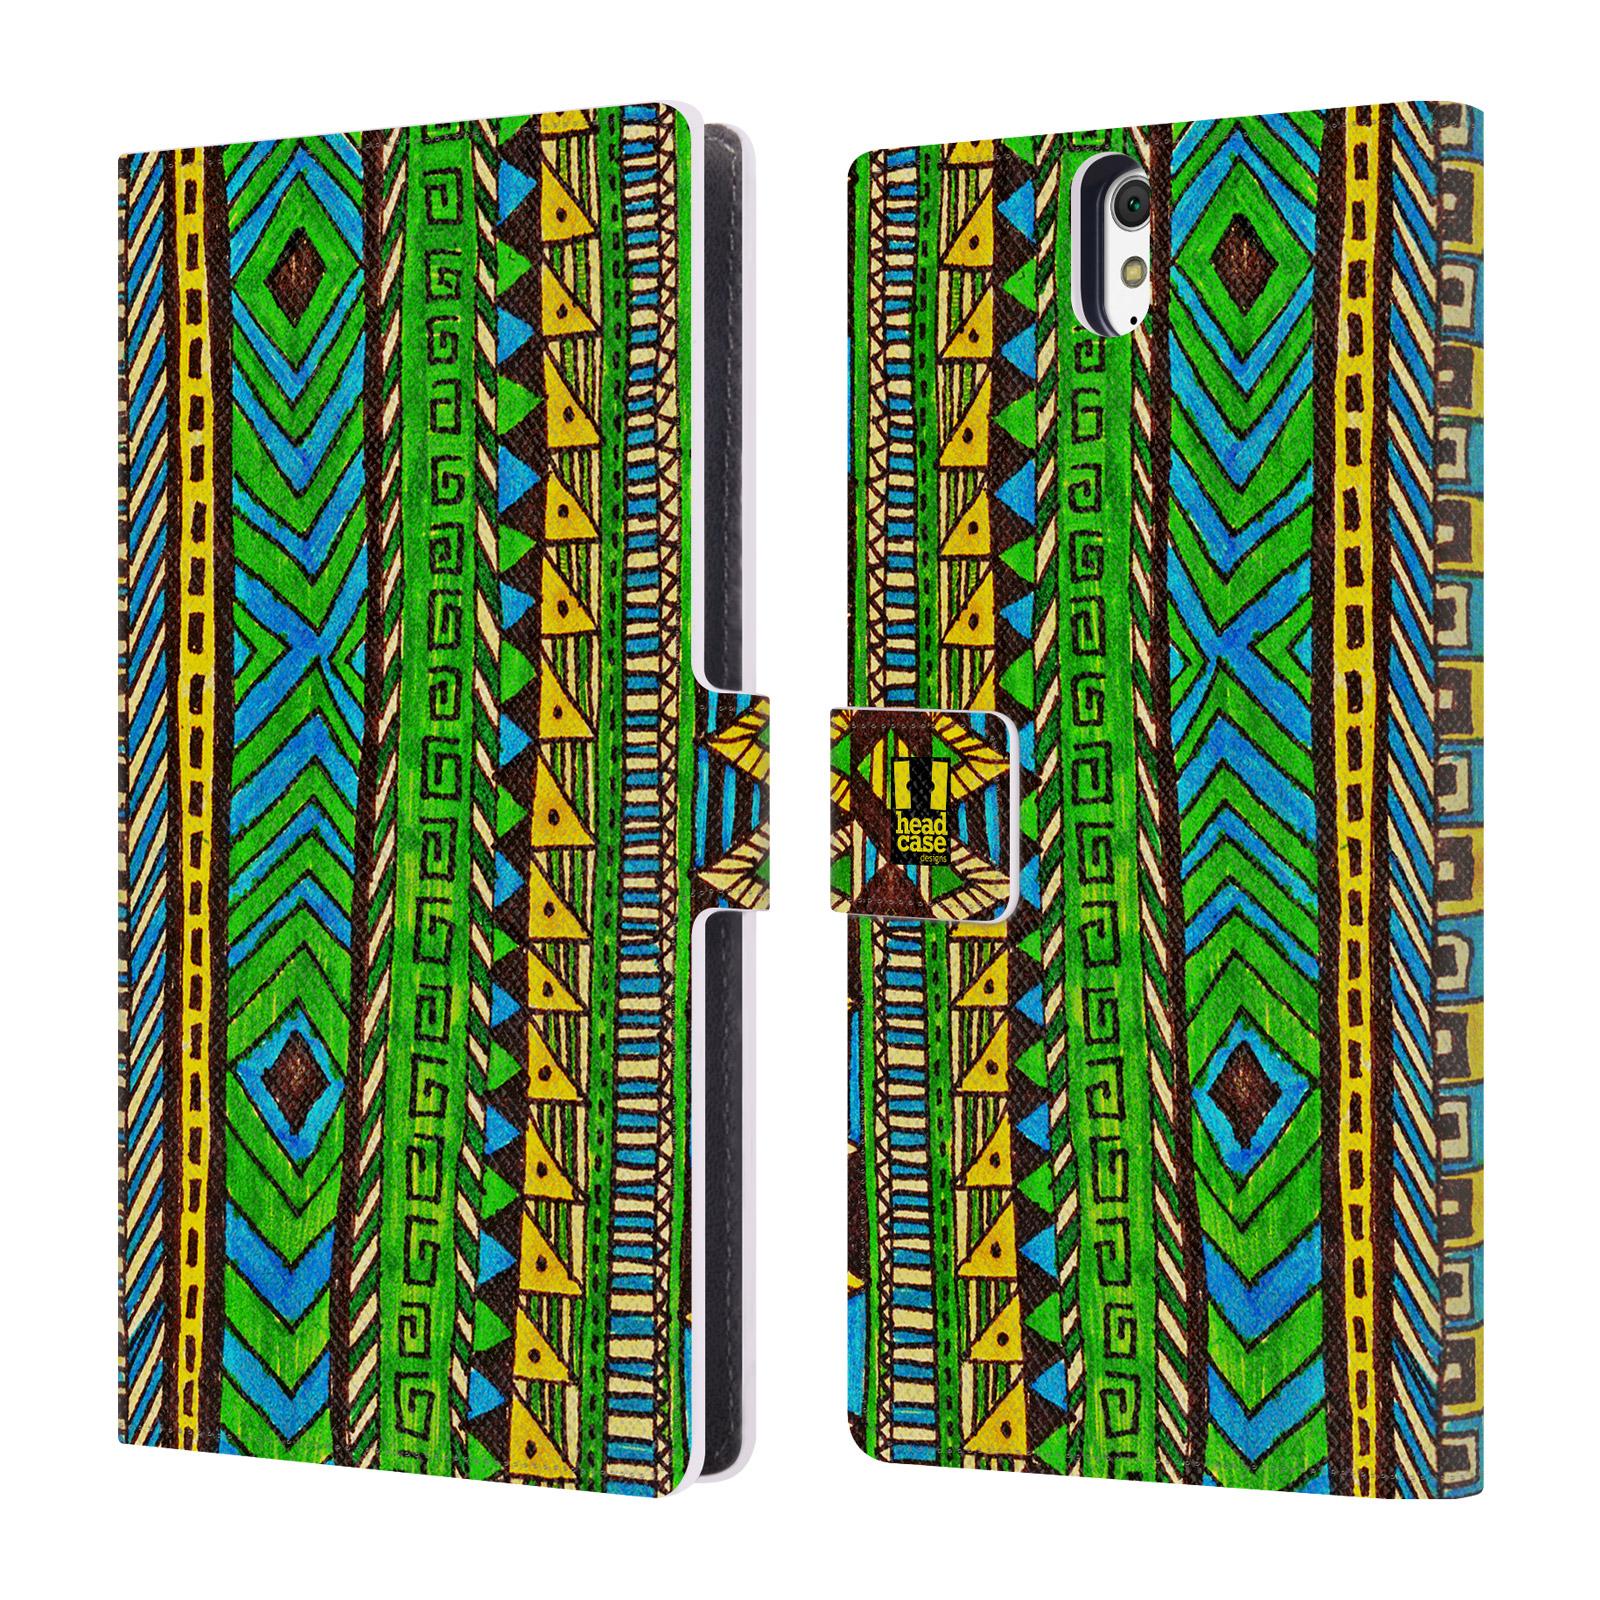 HEAD CASE Flipové pouzdro pro mobil SONY XPERIA C5 Ultra Barevná aztécká čmáranice zelená